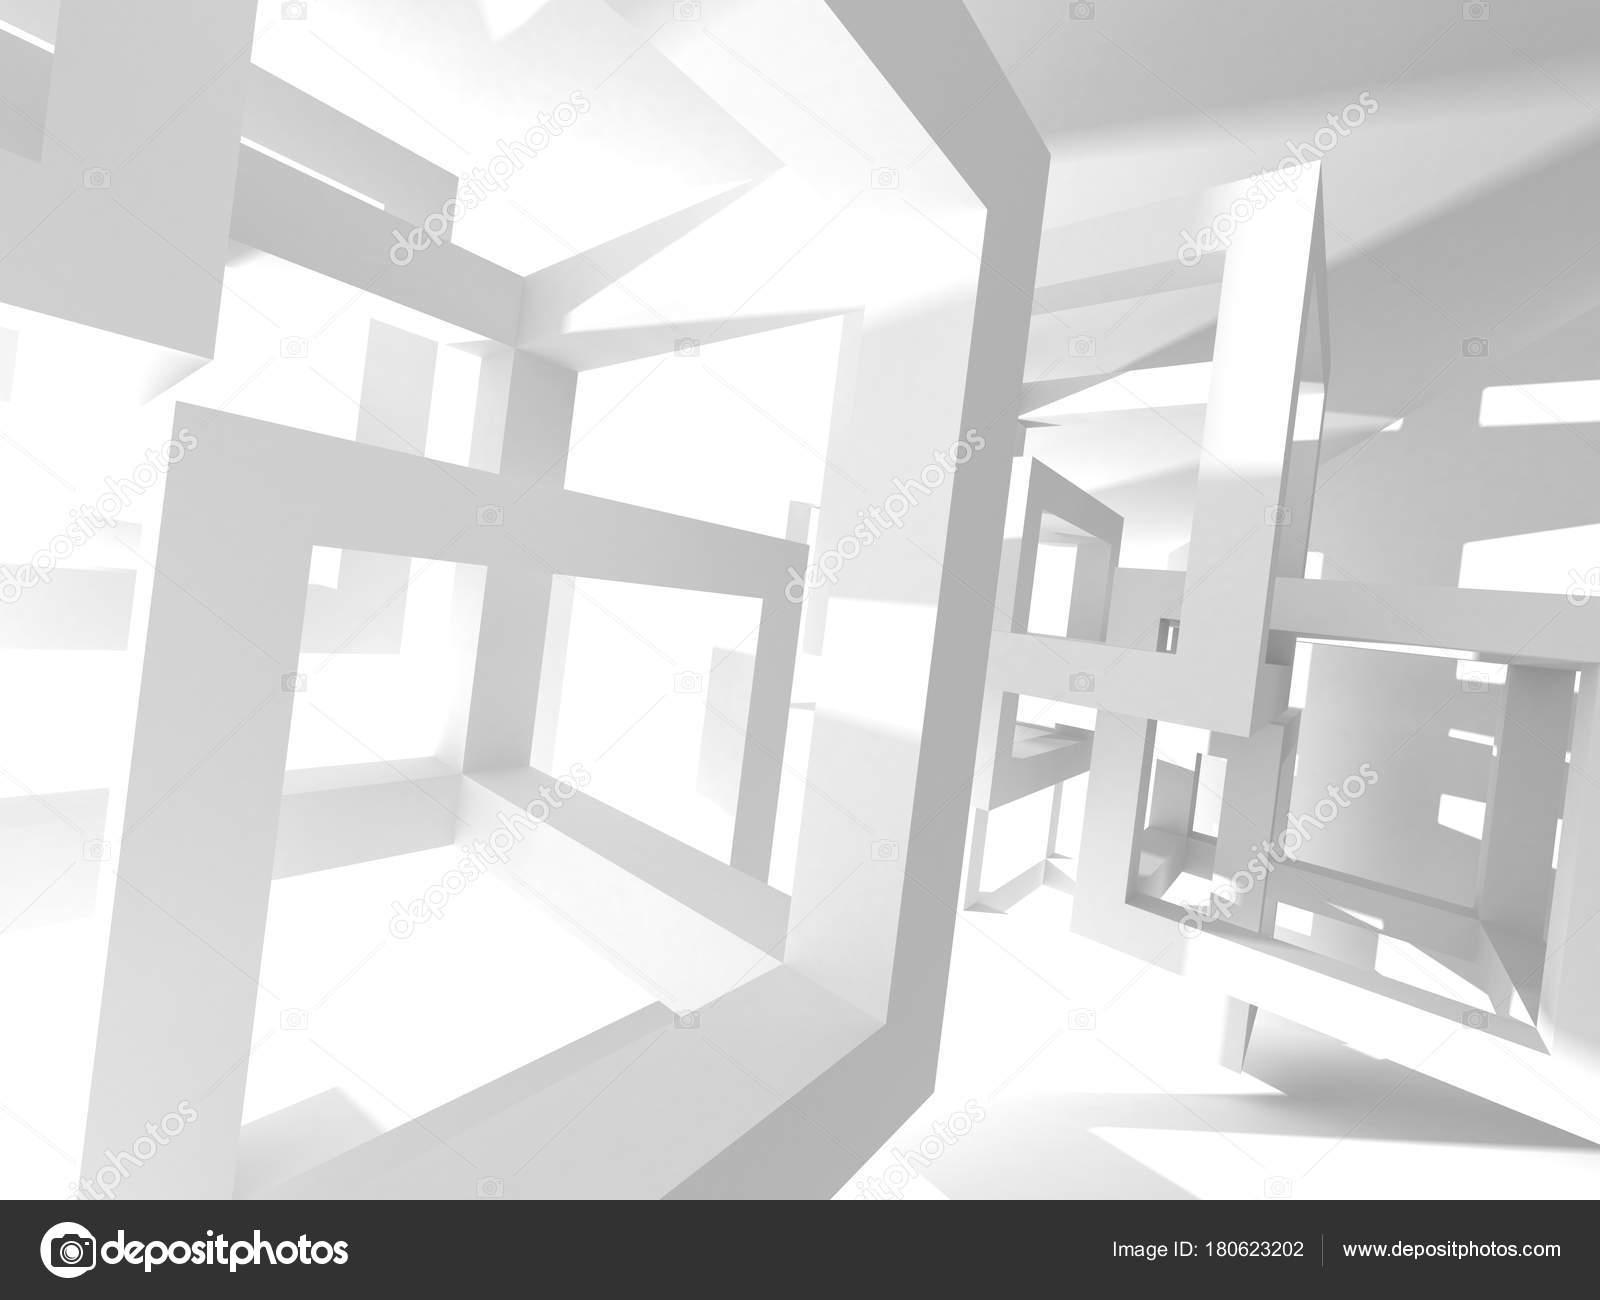 modernes Design-Hintergrund — Stockfoto © VERSUSstudio #180623202